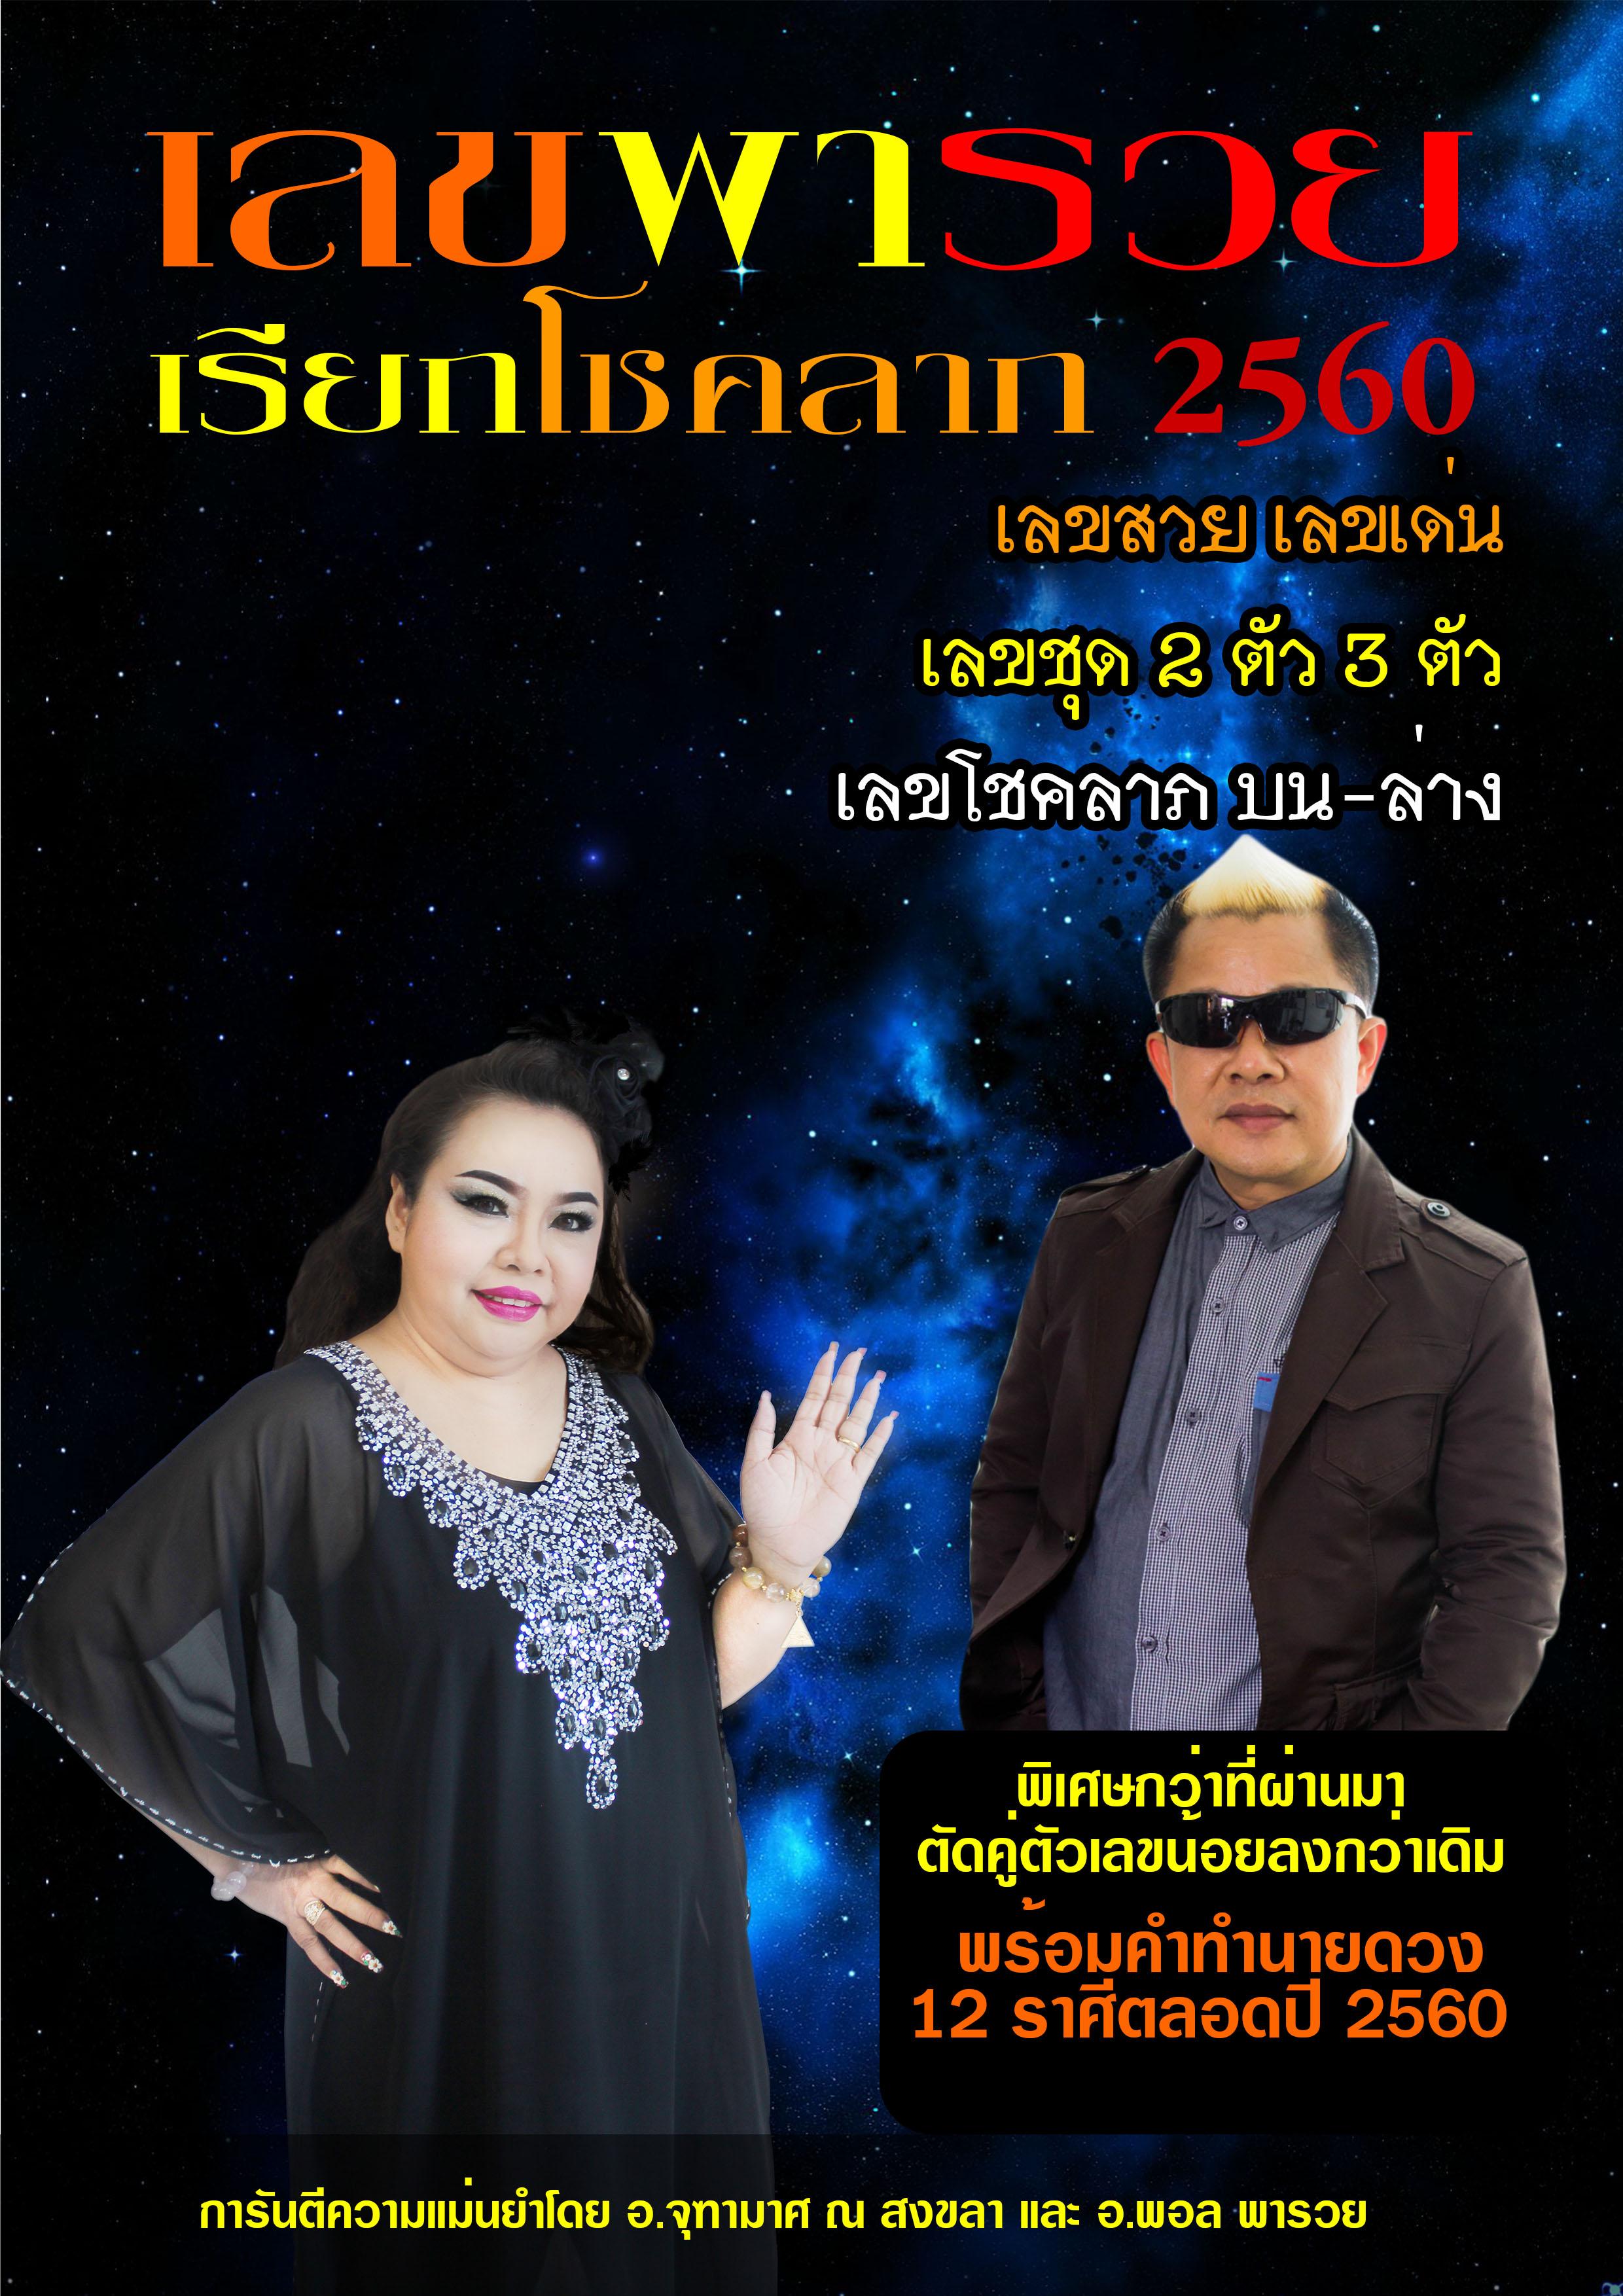 หนังสือเลขพารวย เรียกโชคลาภ ฉบับปี 2560